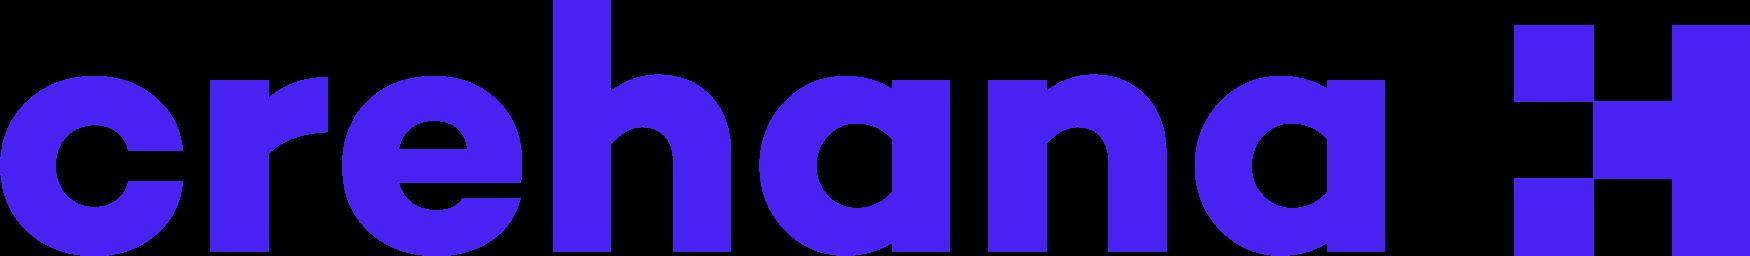 Crehana logo